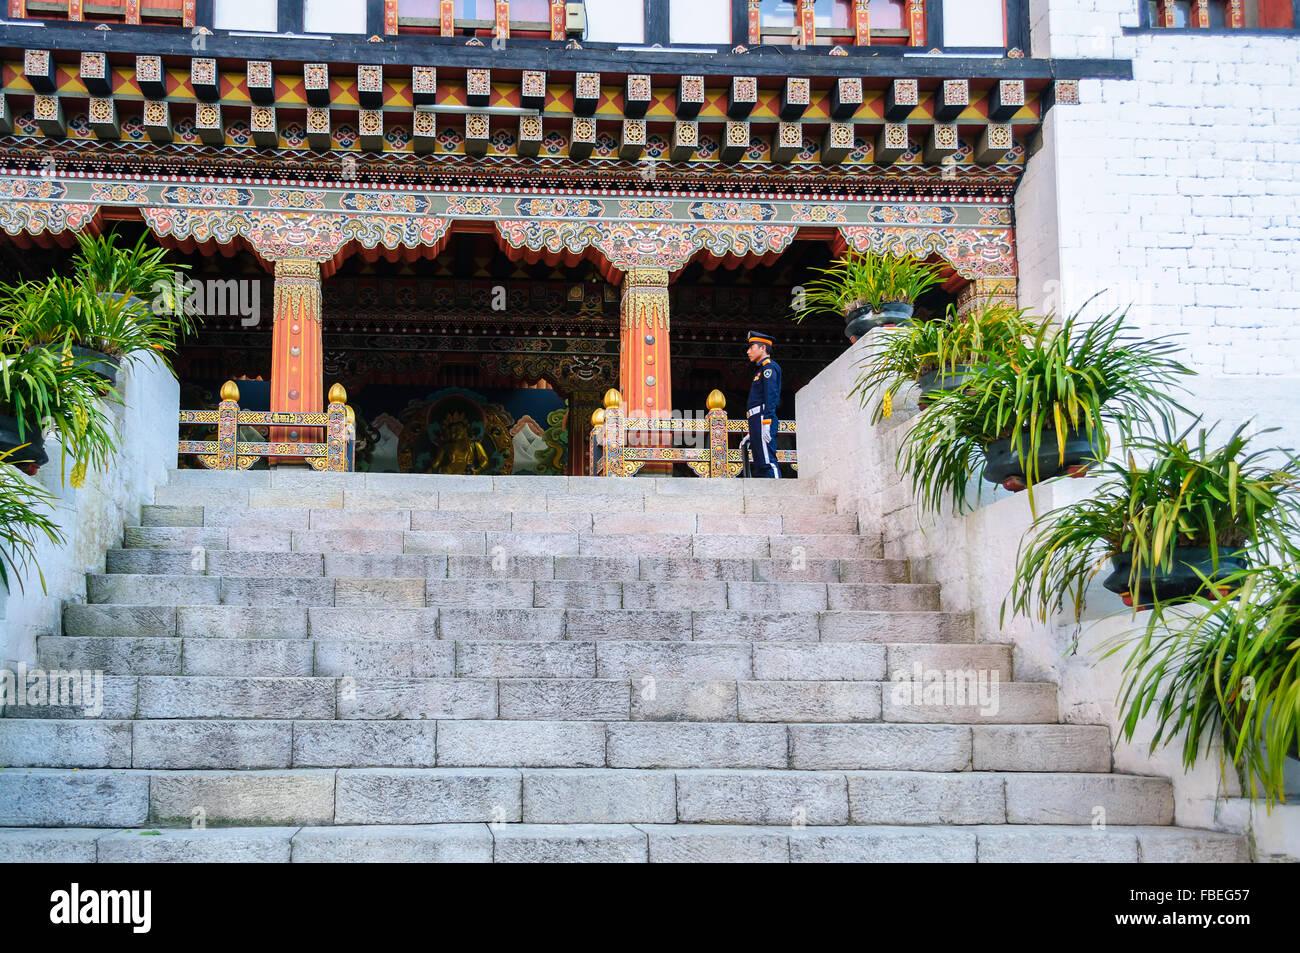 Portail principal et garde armé, le Bhoutan Vue Tashi choe Dzong, Forteresse, centre administratif Photo Stock